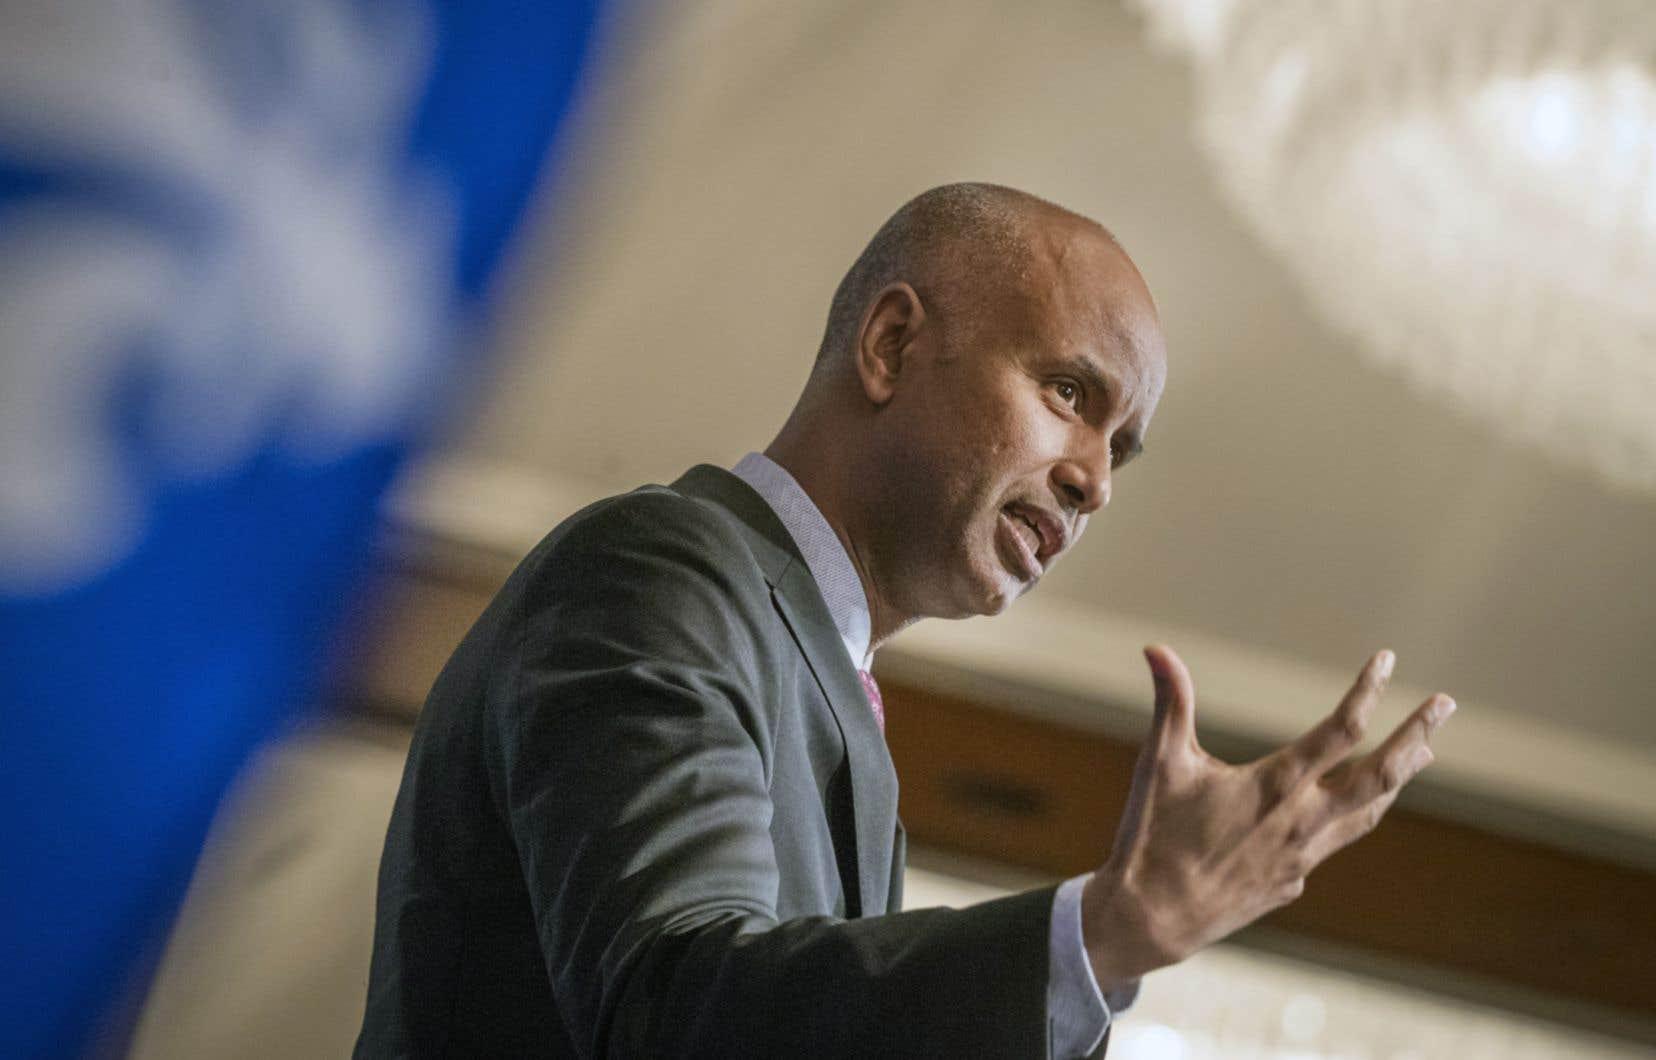 Le ministre Ahmed Hussen s'est adressé aux médias après avoir prononcé une conférence au Conseil des relations internationales de Montréal (CORIM) vendredi midi.